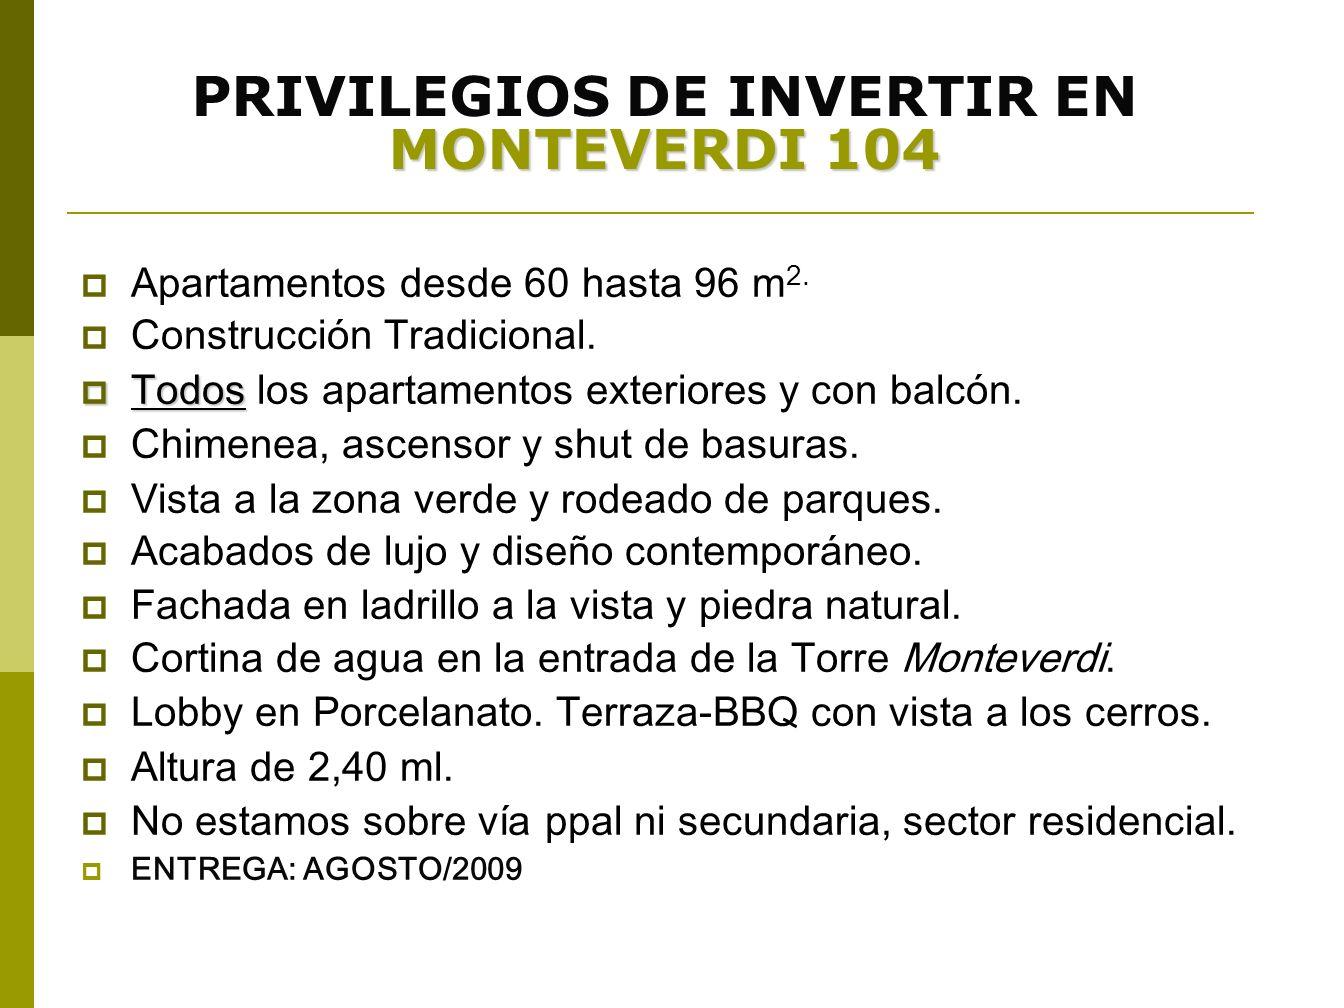 MONTEVERDI 104 PRIVILEGIOS DE INVERTIR EN MONTEVERDI 104 Apartamentos desde 60 hasta 96 m 2. Construcción Tradicional. Todos Todos los apartamentos ex